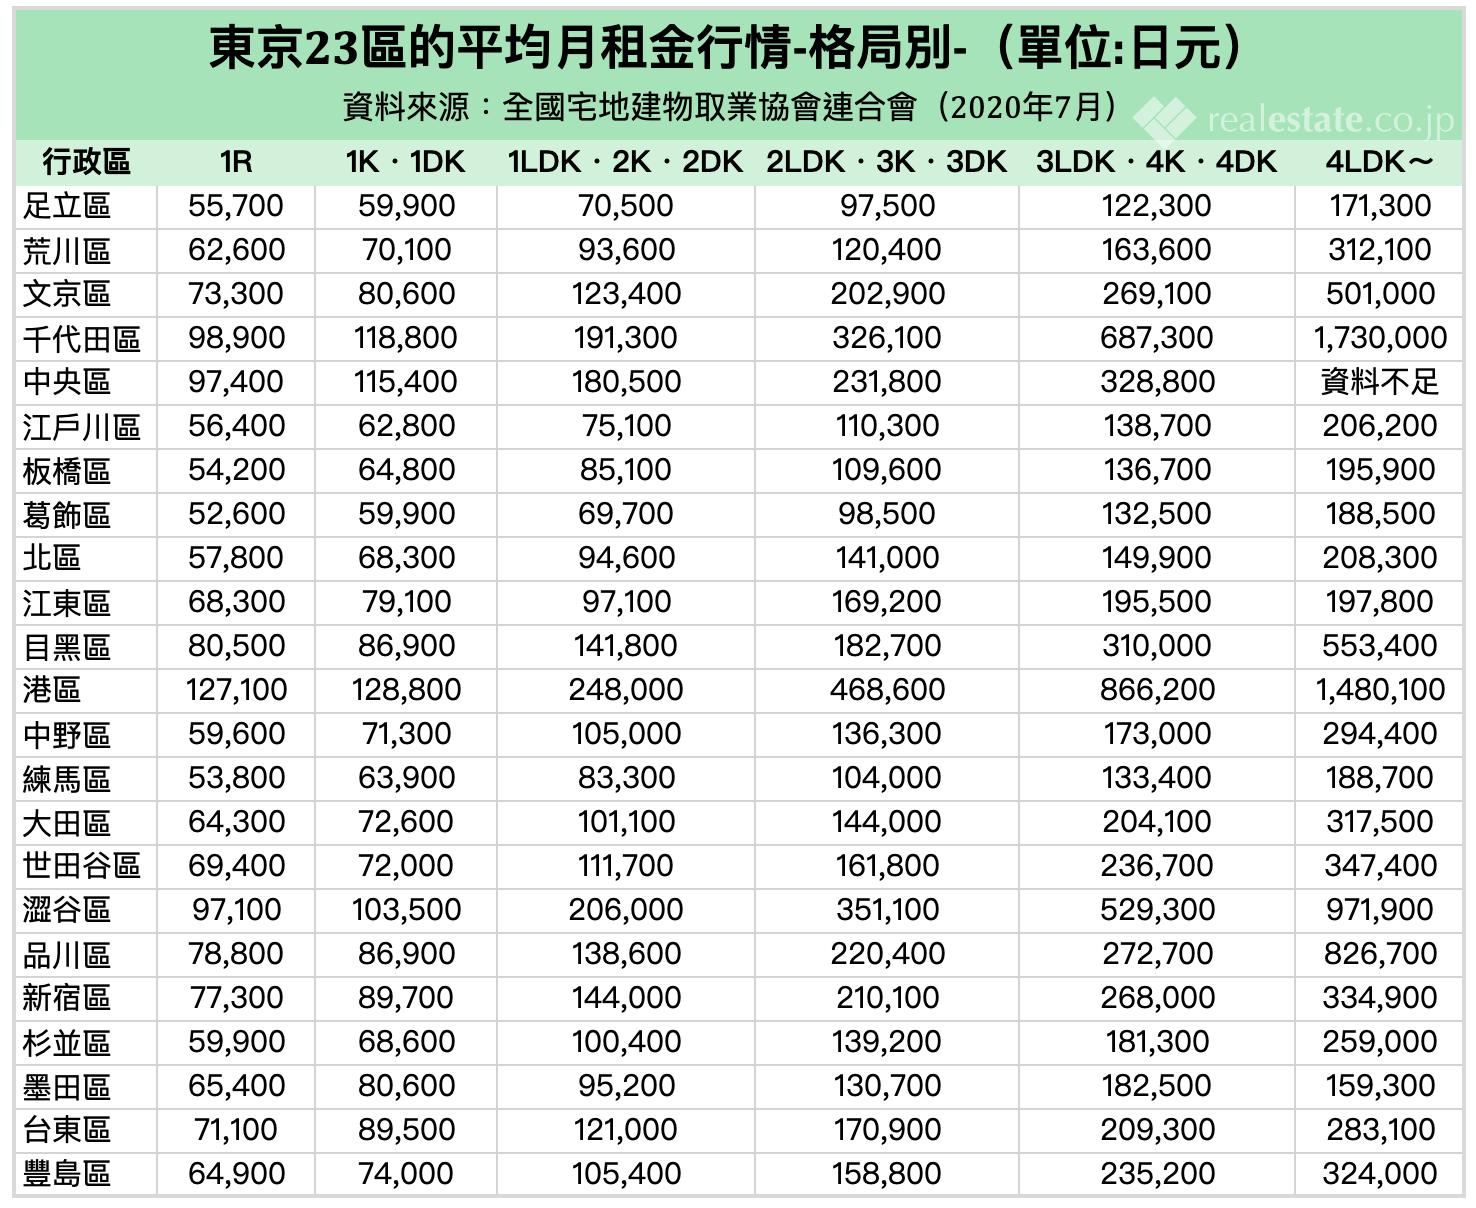 東京23區-平均月租金行情-格局別-REJ